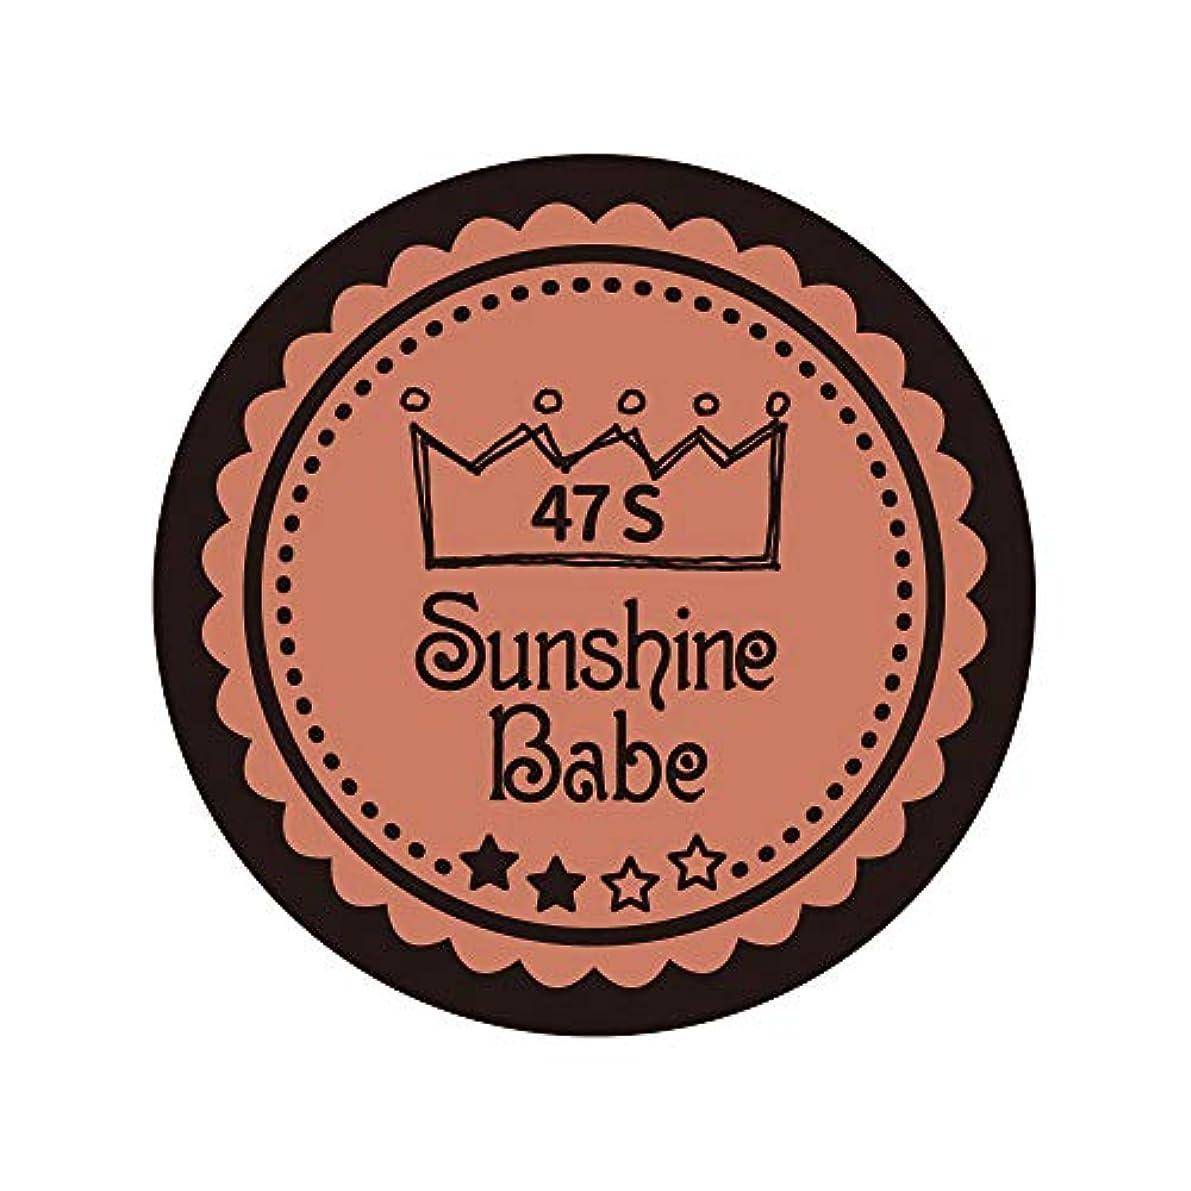 誤解する確かな手を差し伸べるSunshine Babe カラージェル 47S ピーチブラウン 2.7g UV/LED対応